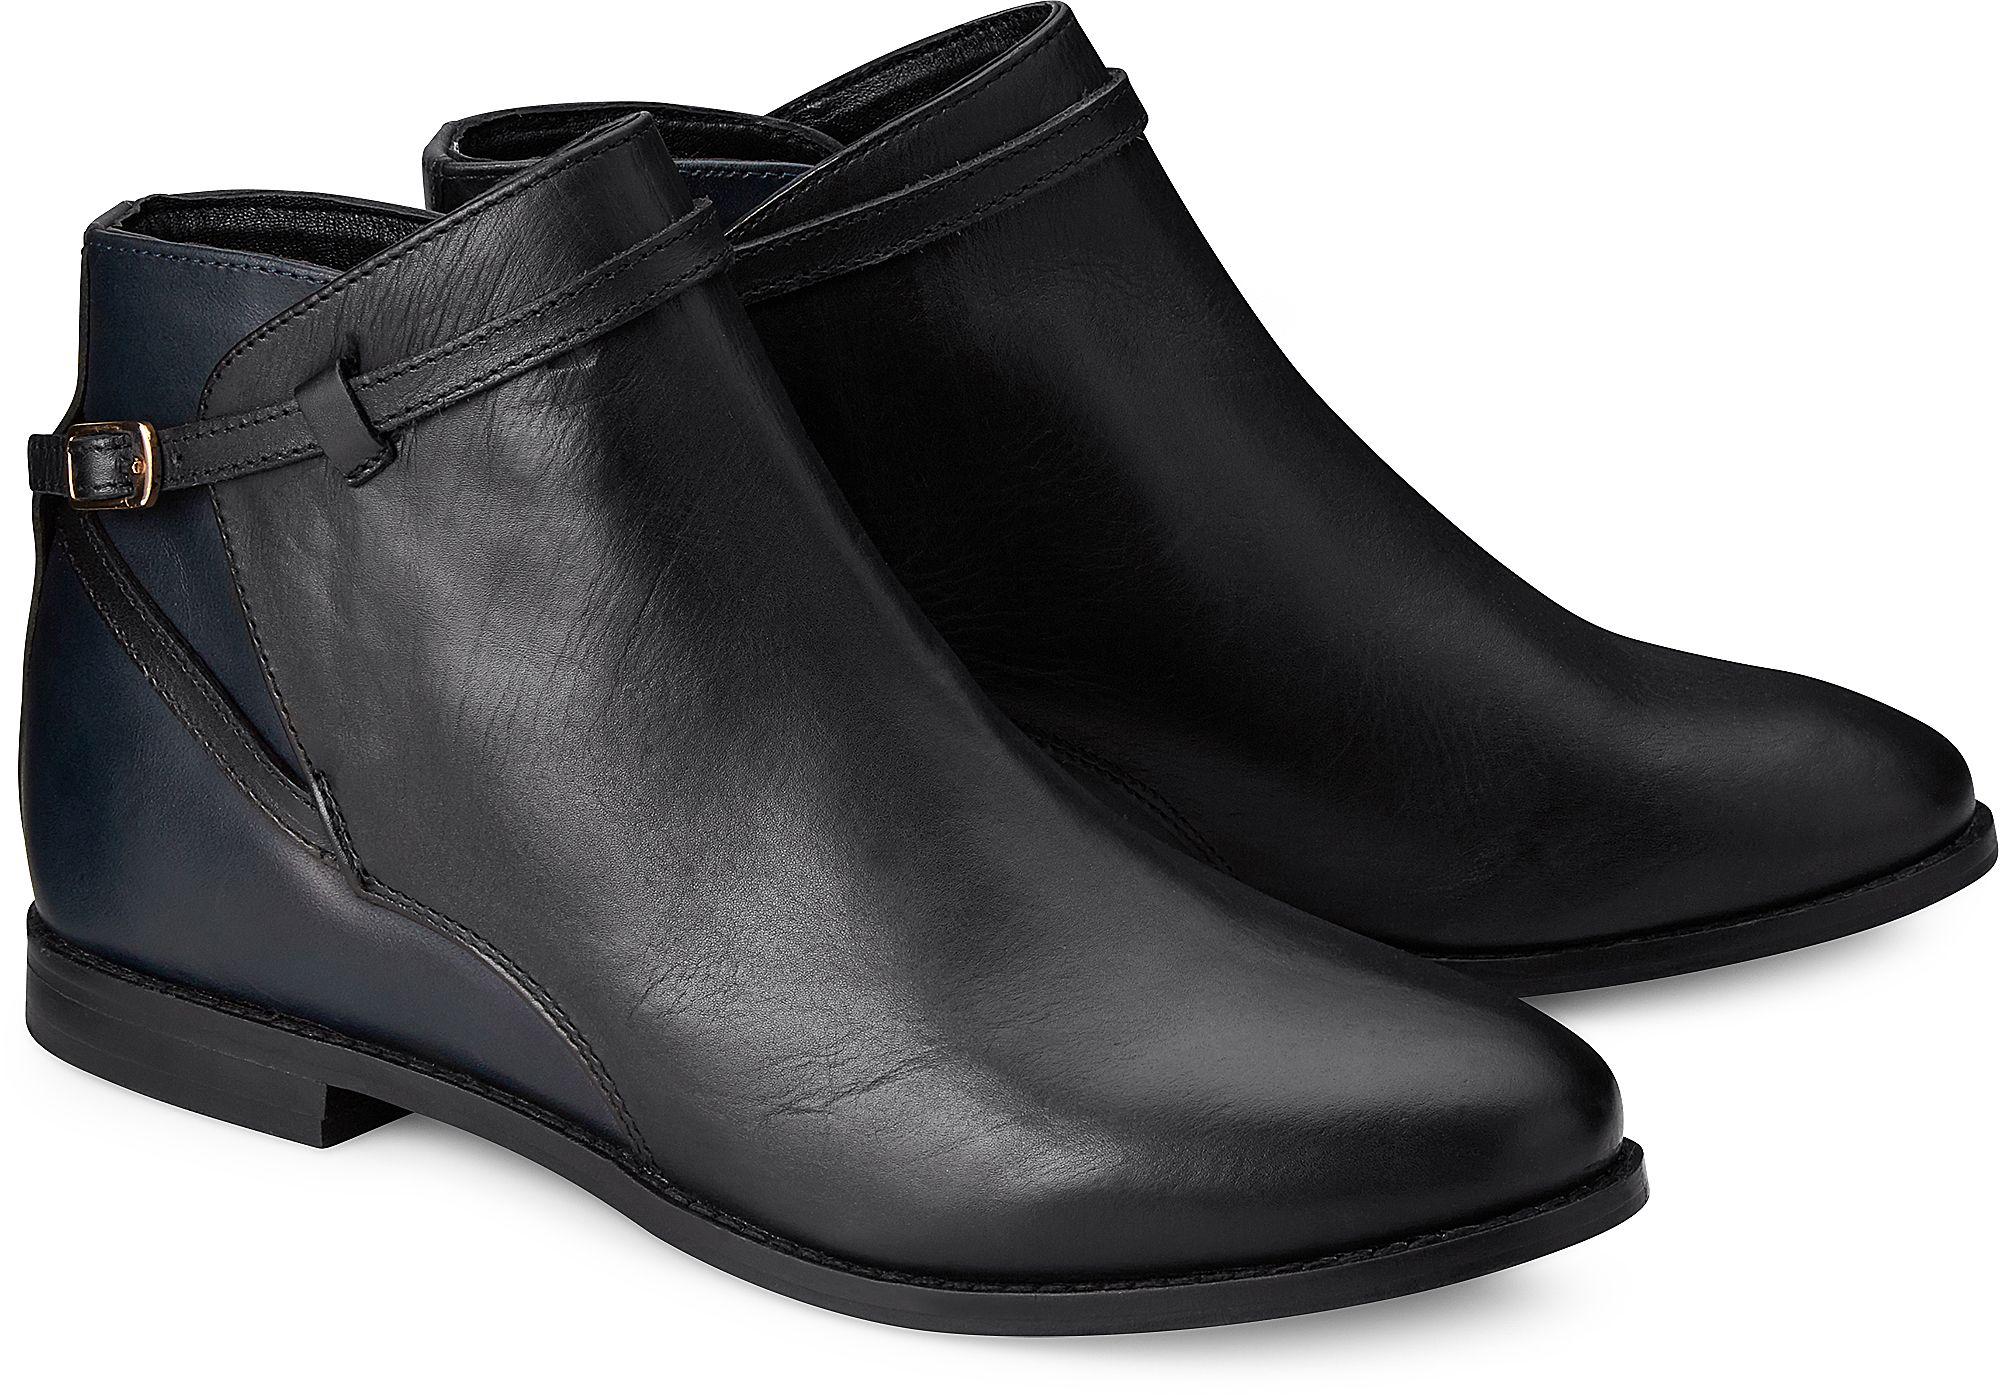 430e01859bb1b2 Fashion Stiefelette von Cox in schwarz für Damen. Gr. 36